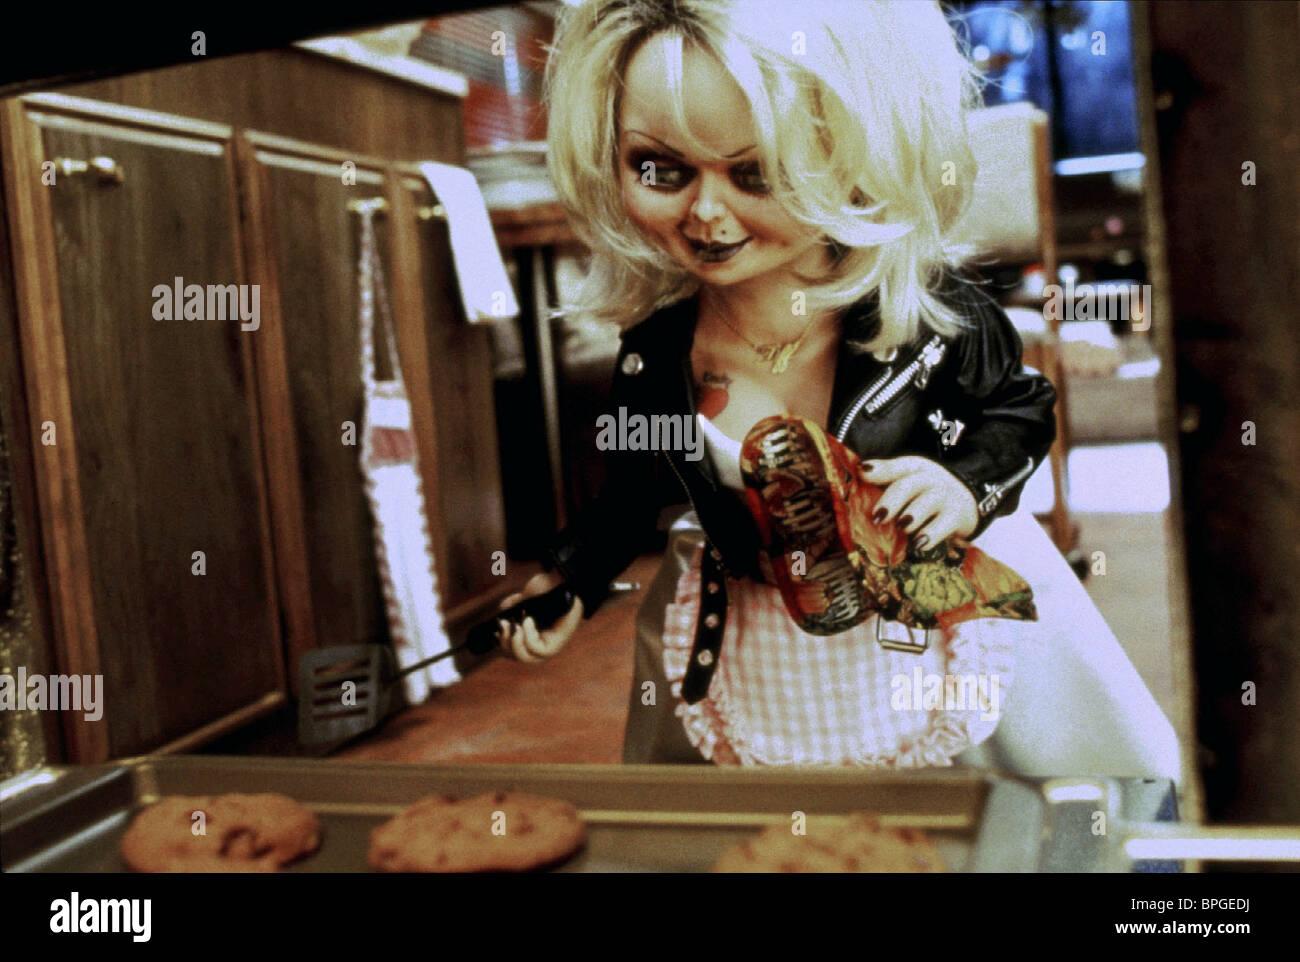 Tiffany bride of chucky